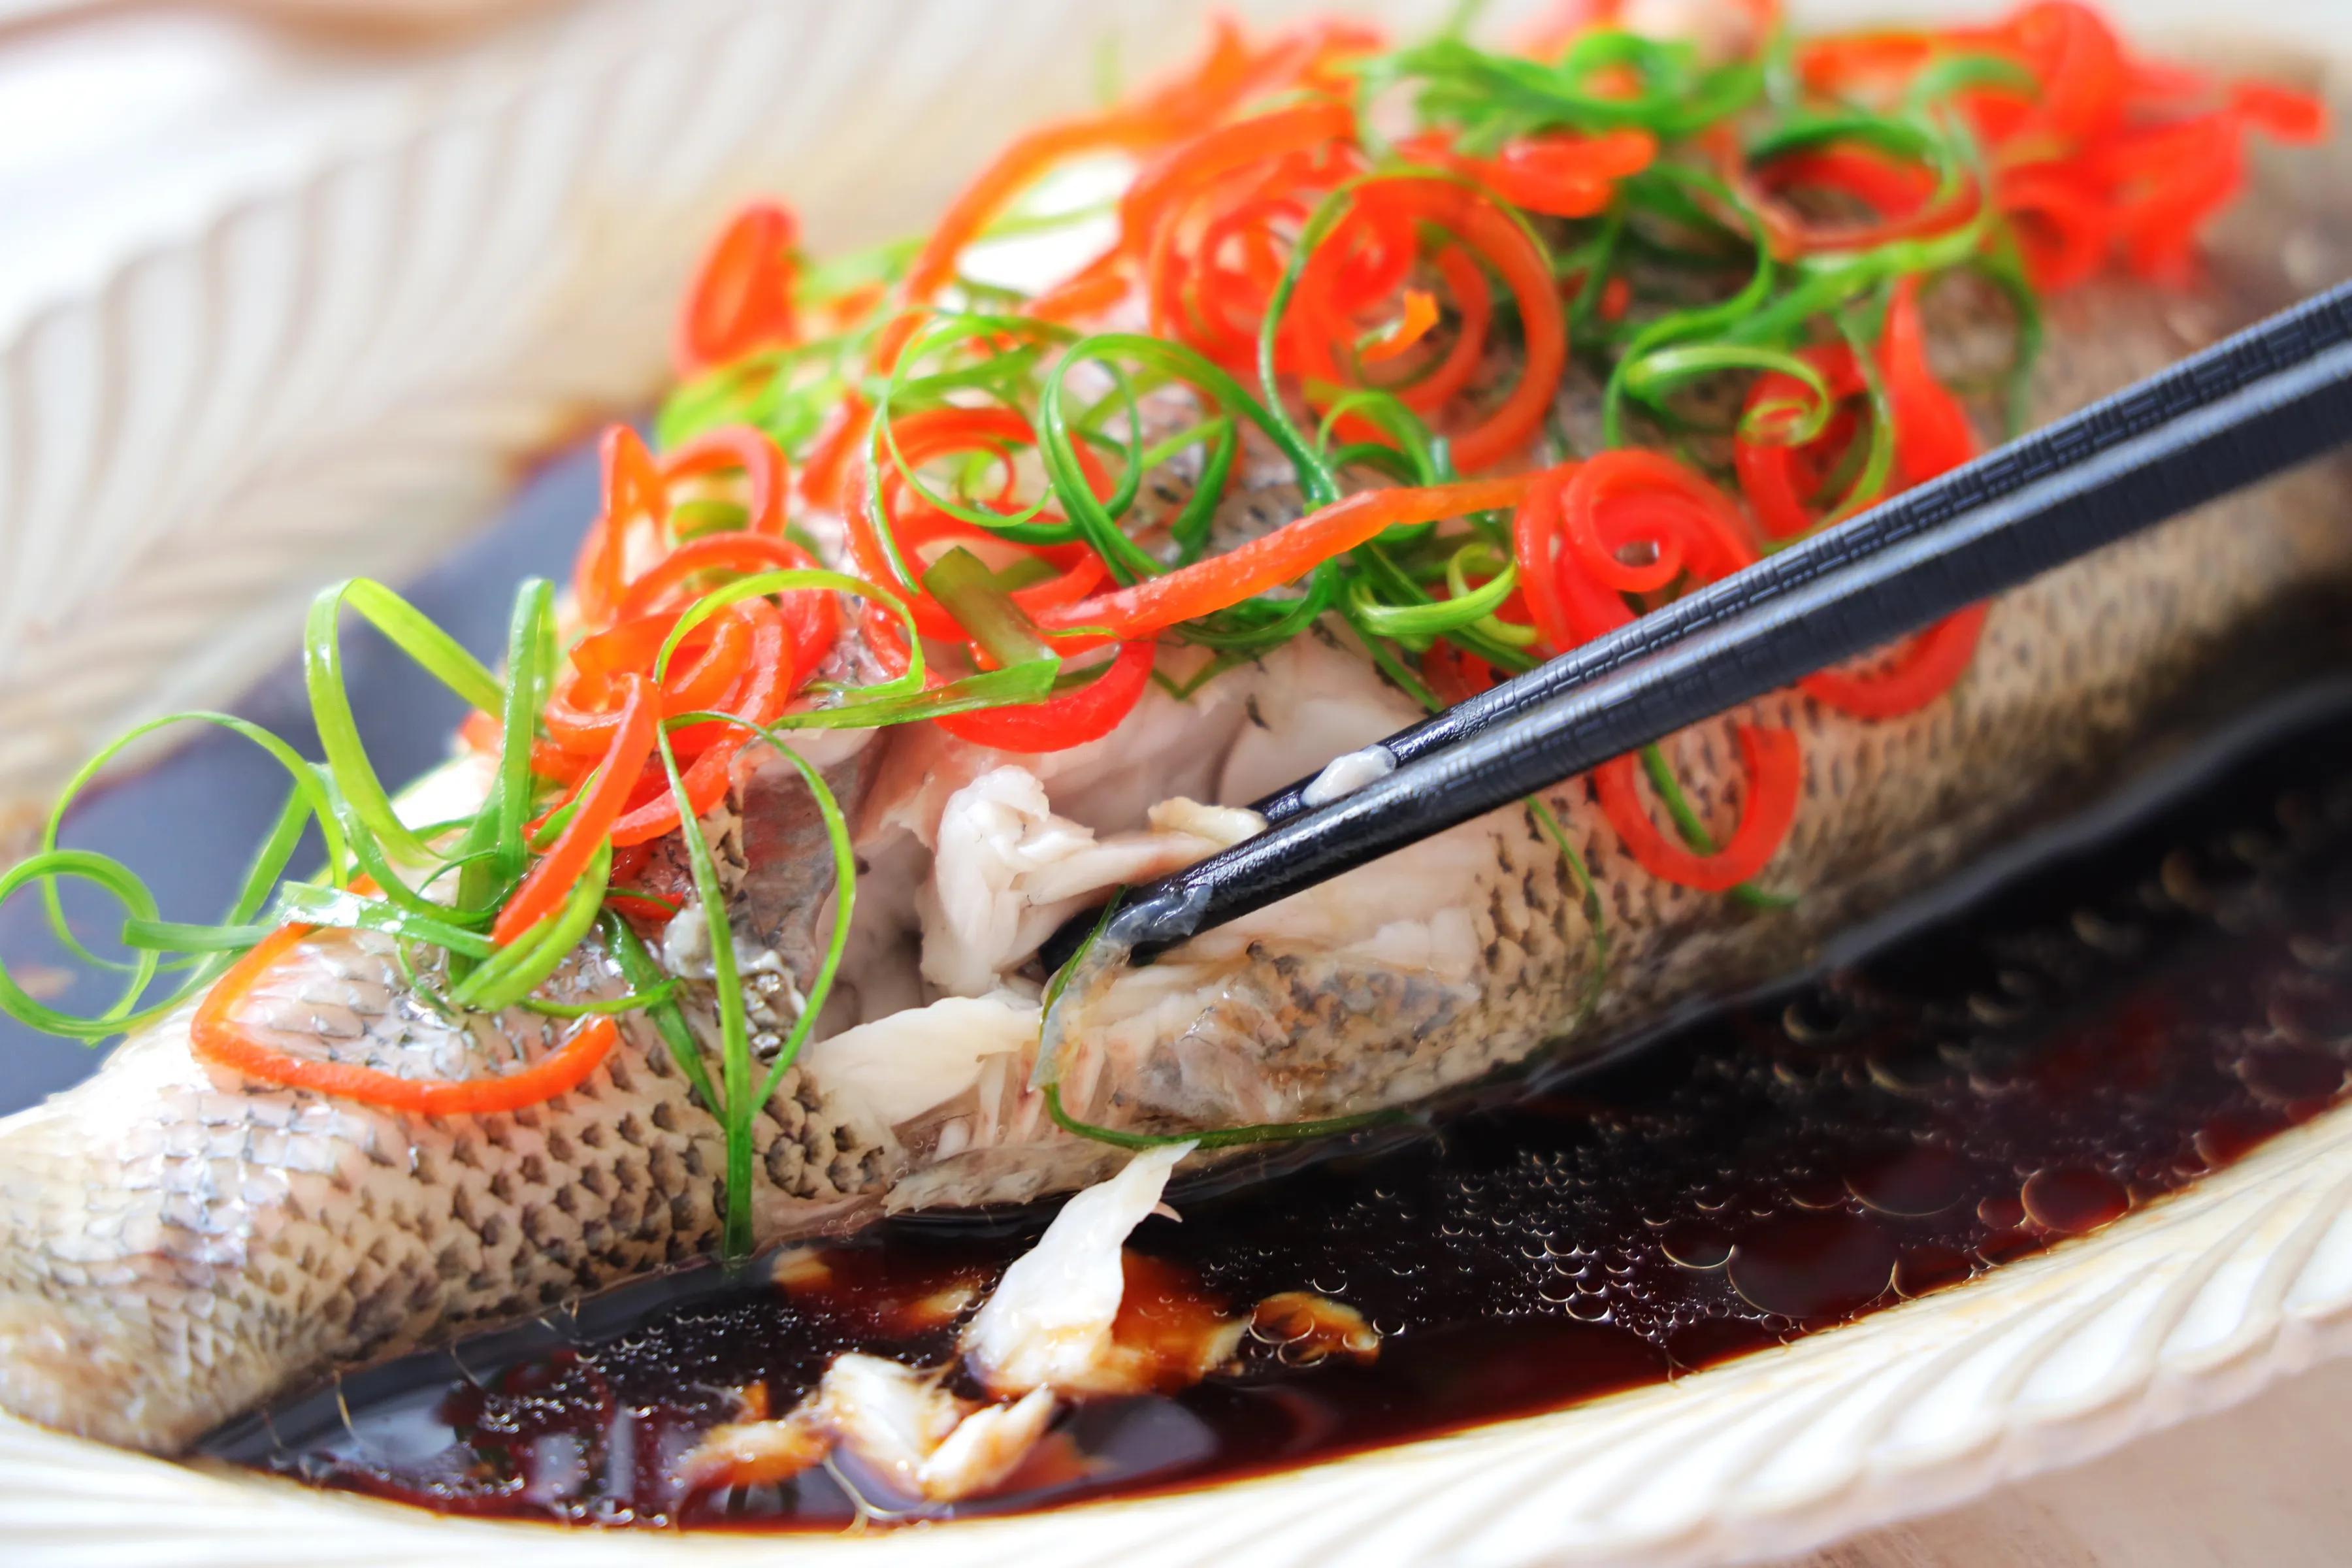 孩子最爱吃的清蒸鲈鱼,简单蒸一蒸,肉质鲜嫩,清淡不油腻 美食做法 第2张